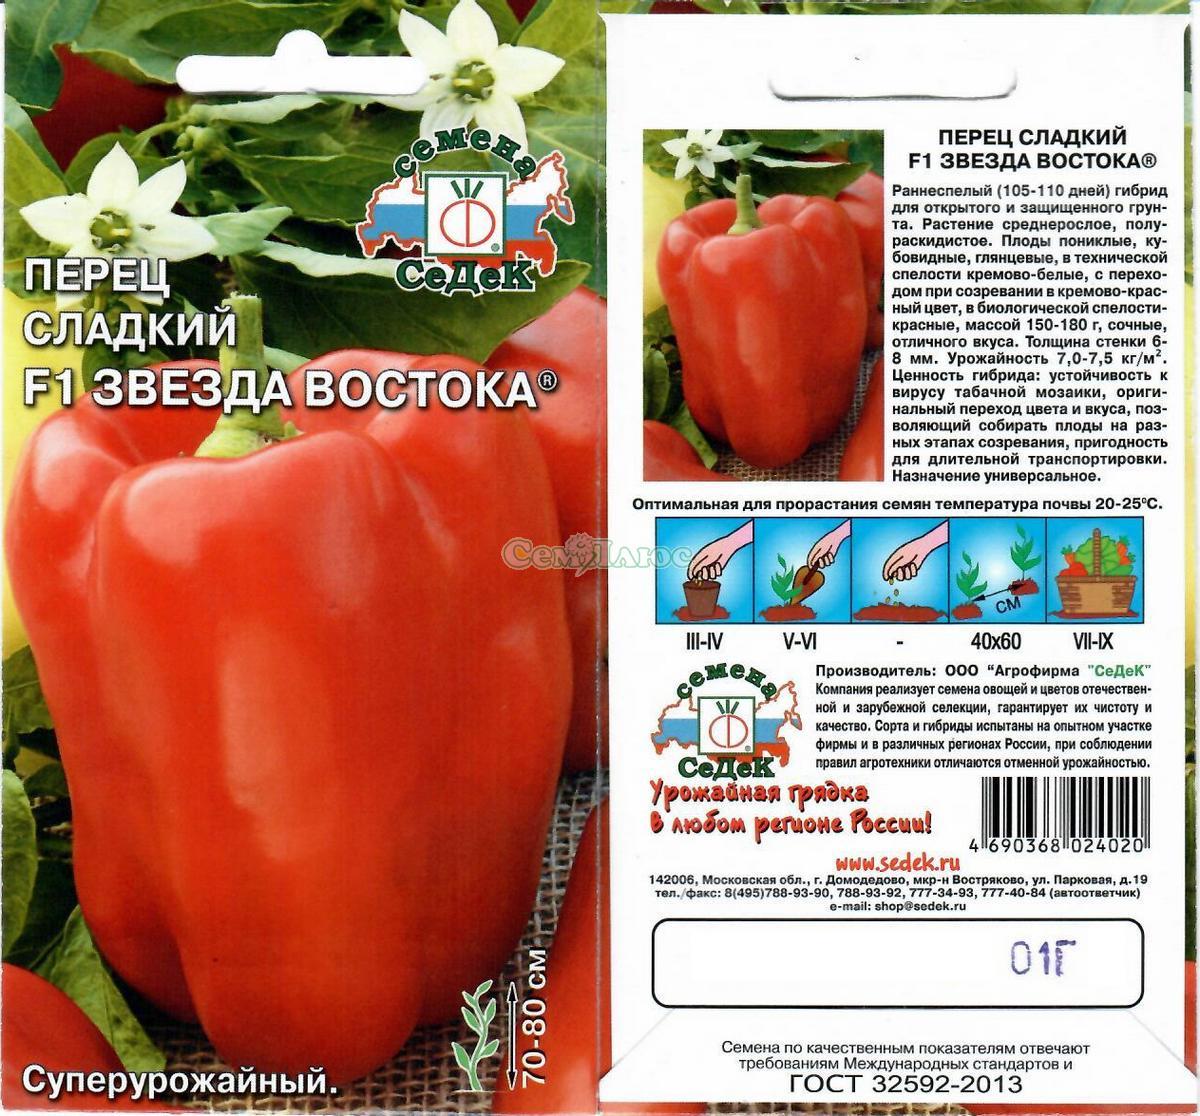 Мои любимые сорта томатов - огород